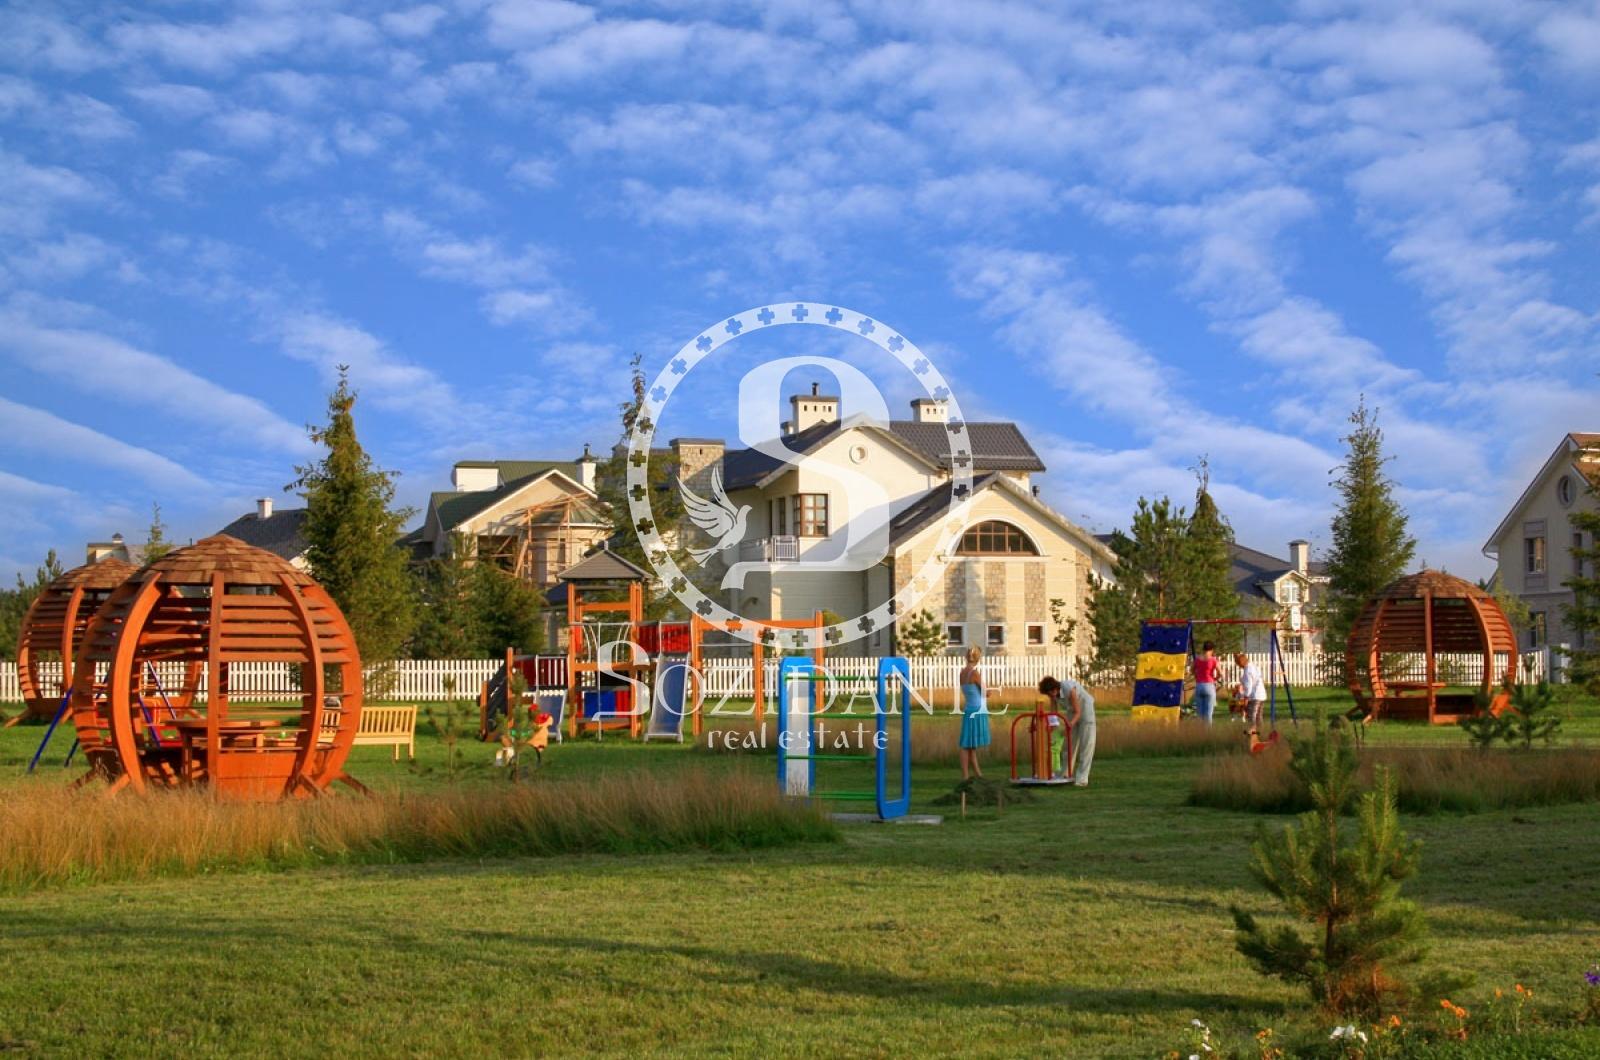 4 Bedrooms, Загородная, Аренда, Listing ID 1141, Московская область, Россия,